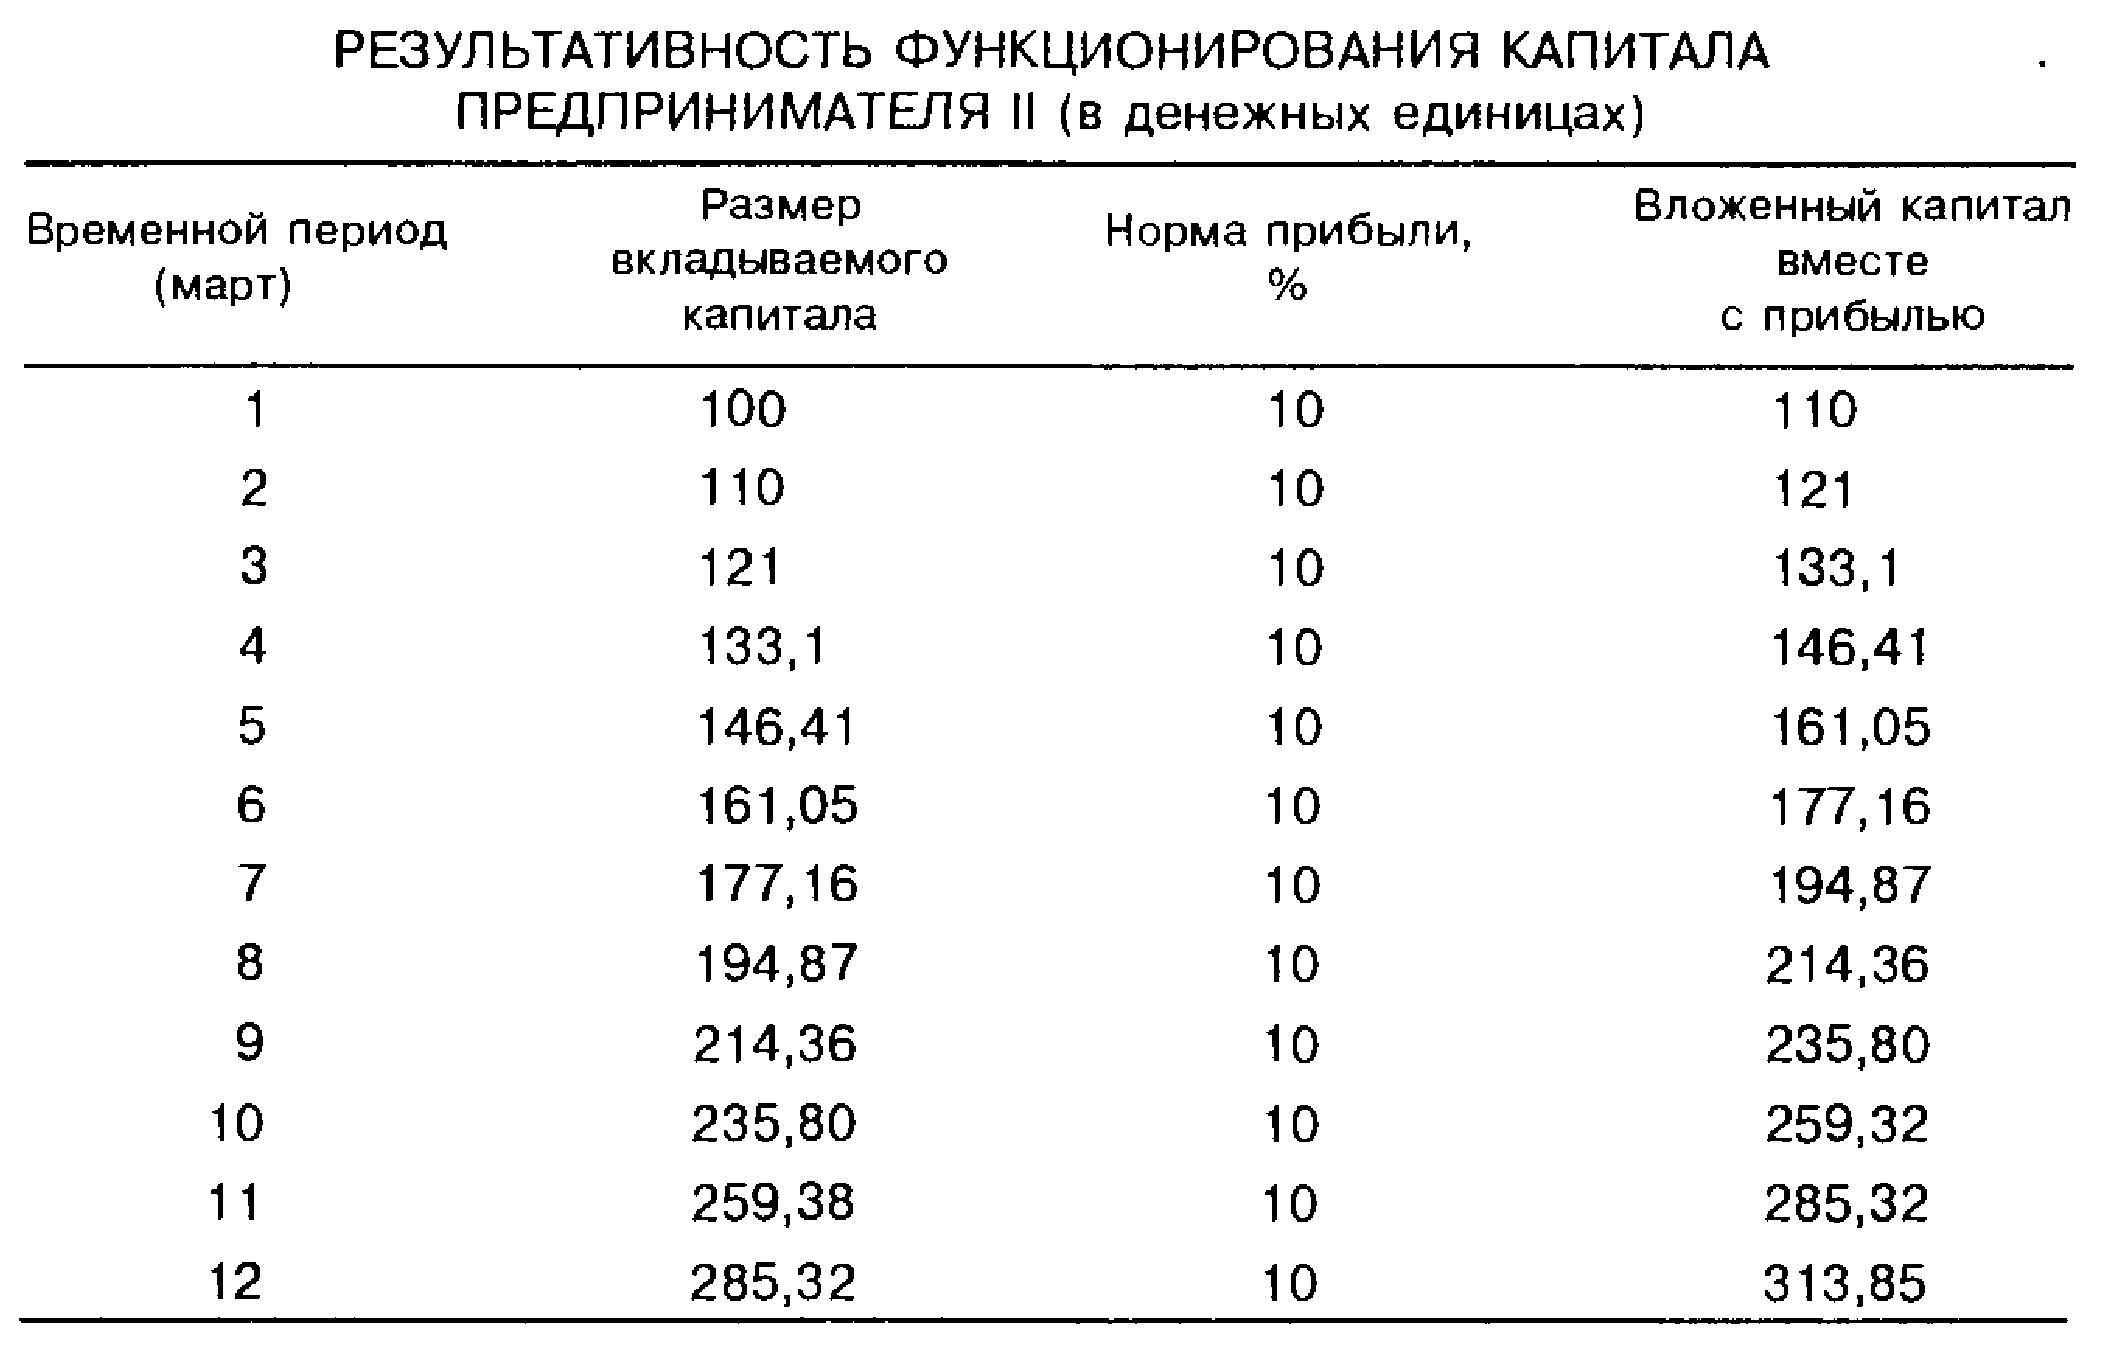 Результативность функционирования капитала предпринимателя II (в денежных единицах)